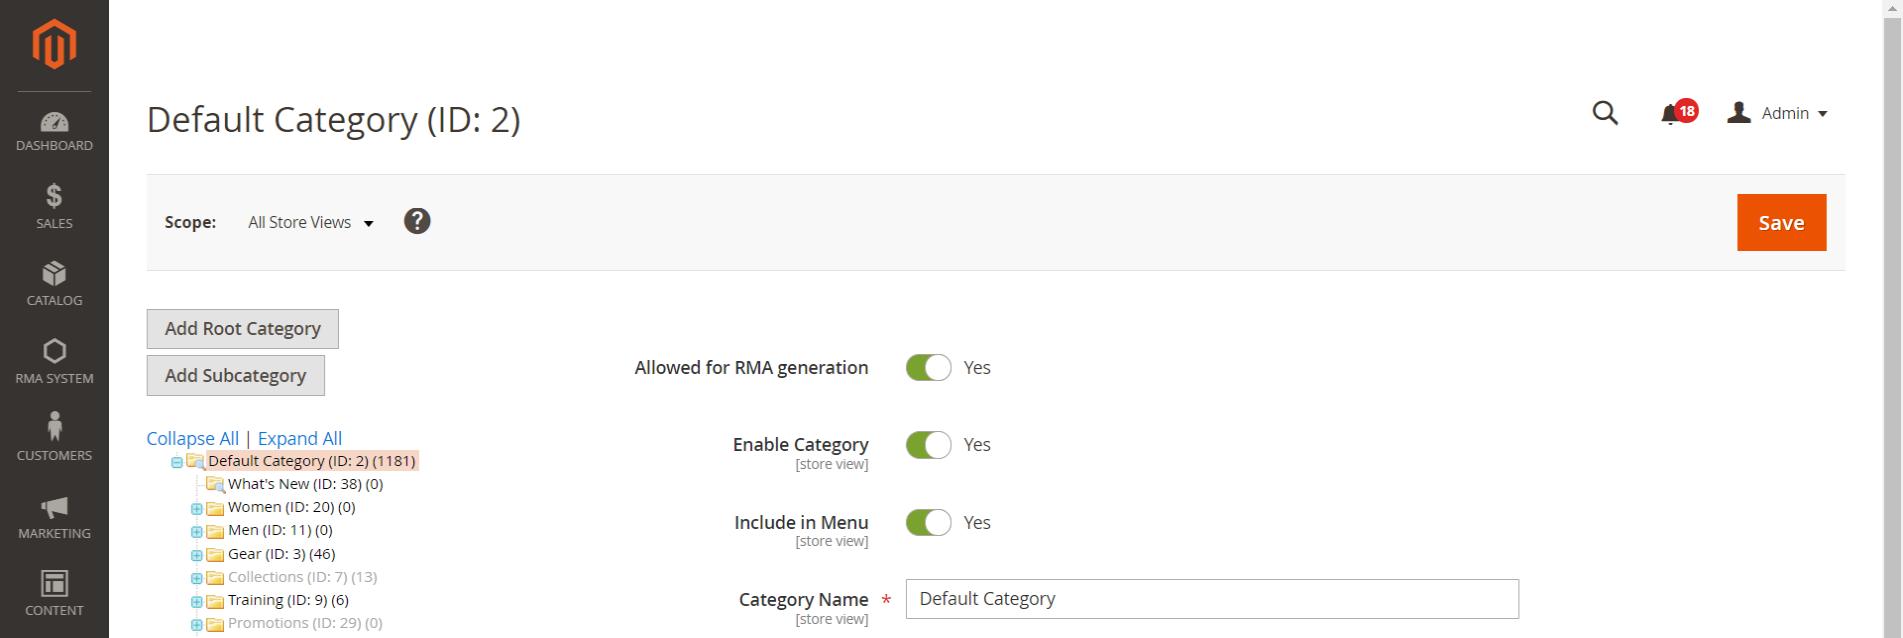 Default-Category-ID-2-Categories-Inventory-Catalog-Magento-Admin